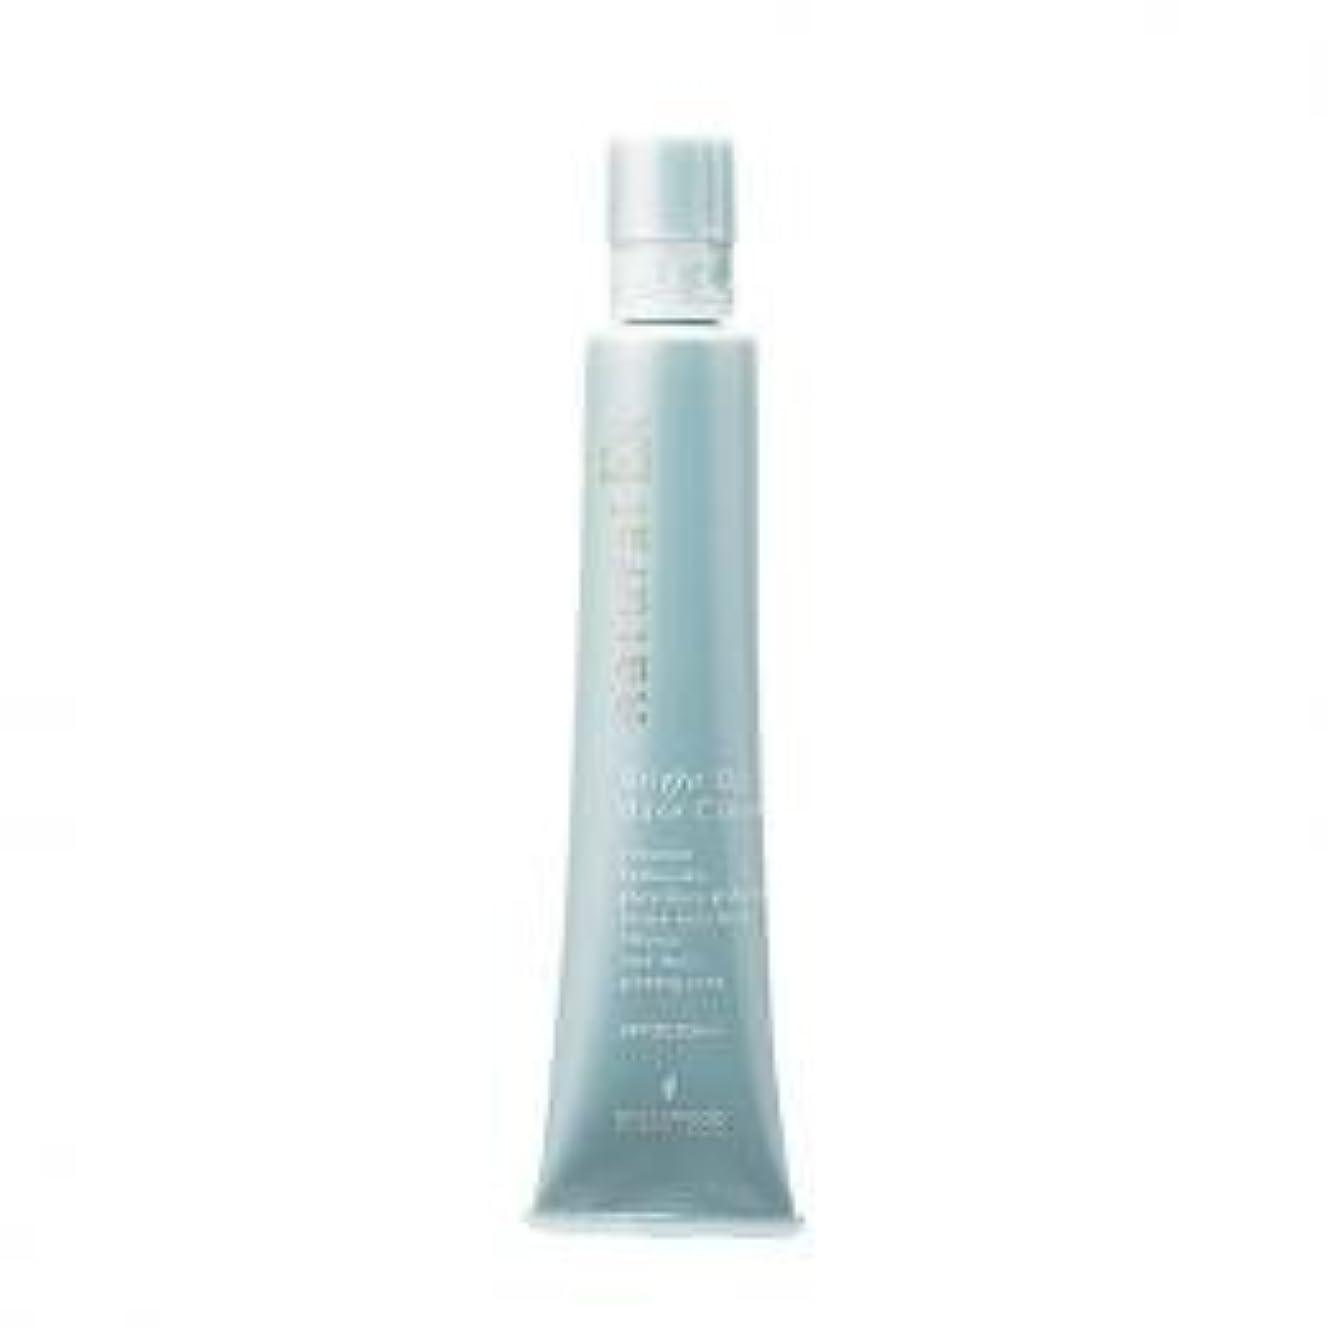 虫ふつう疎外ハリウッド化粧品 ナチュラルEX ブライトアップ ベースクリーム h 35g SPF30 PA++